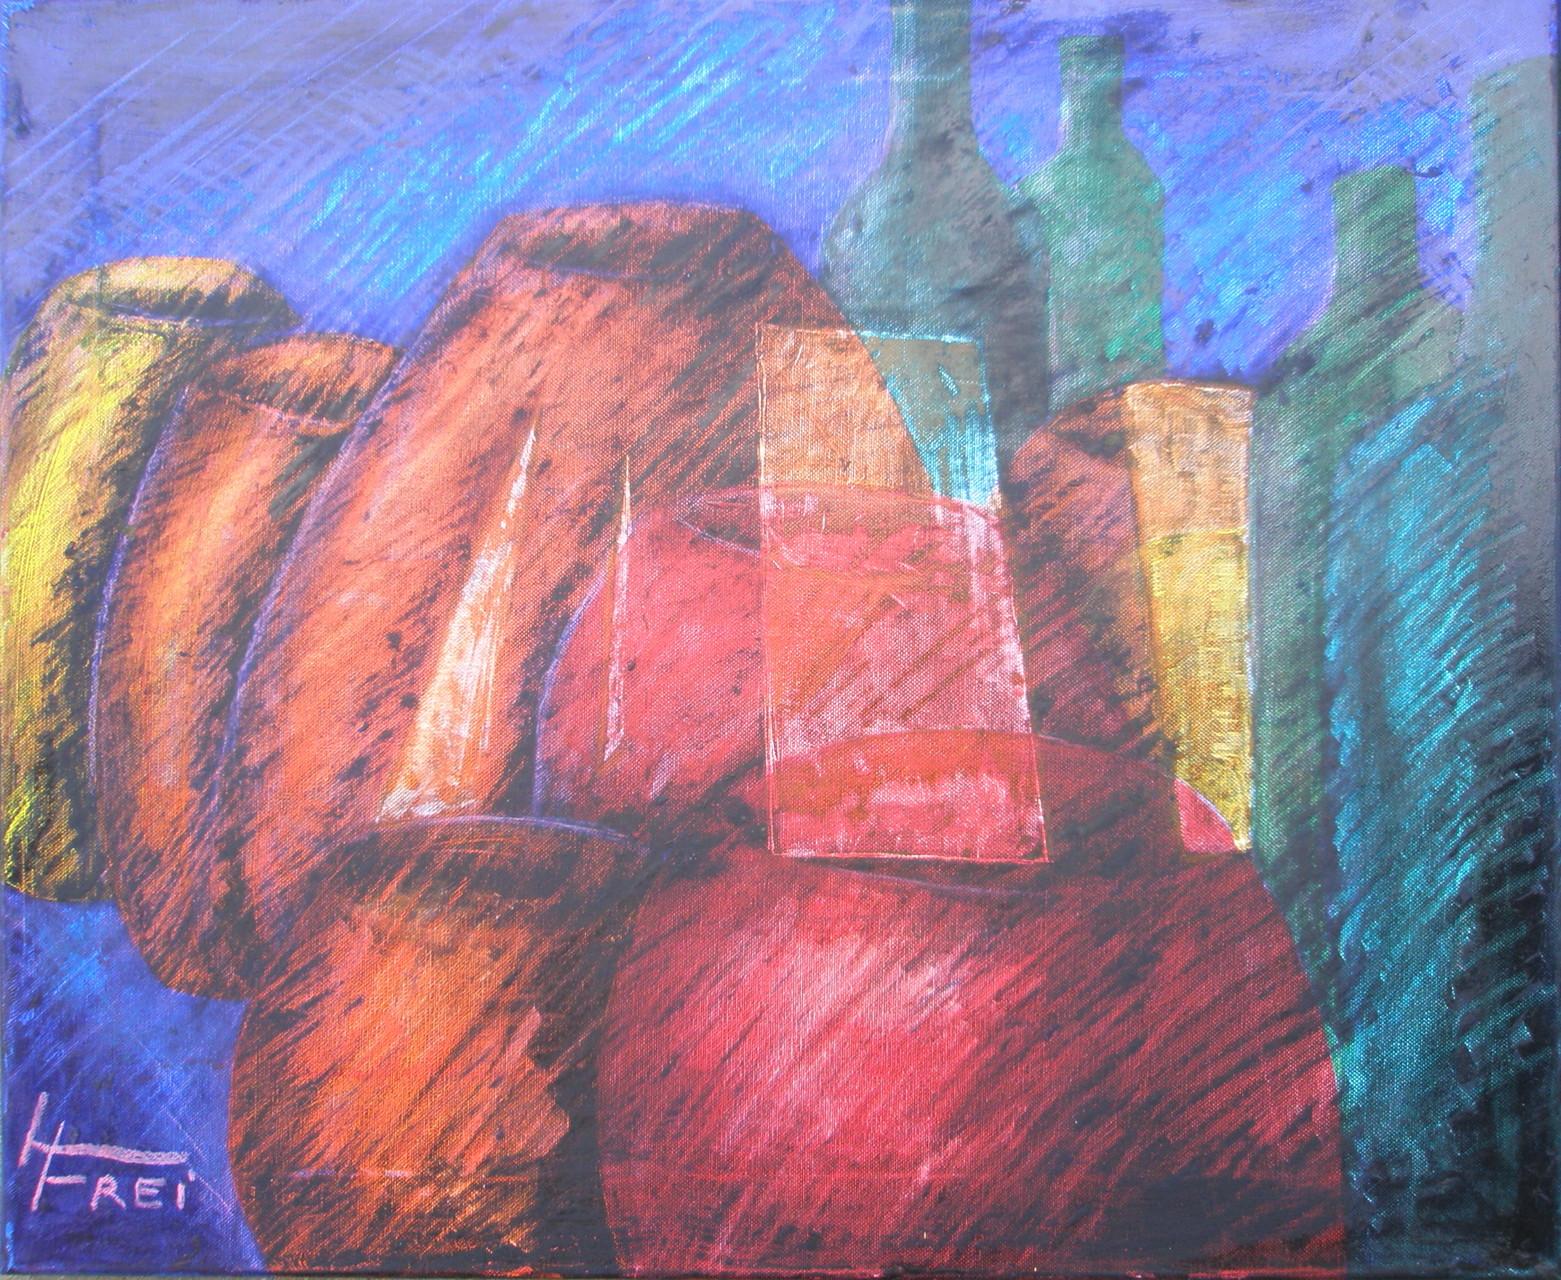 """ART HFrei - """"Stillleben"""" - Acyl-Mischtechnik - 2008"""